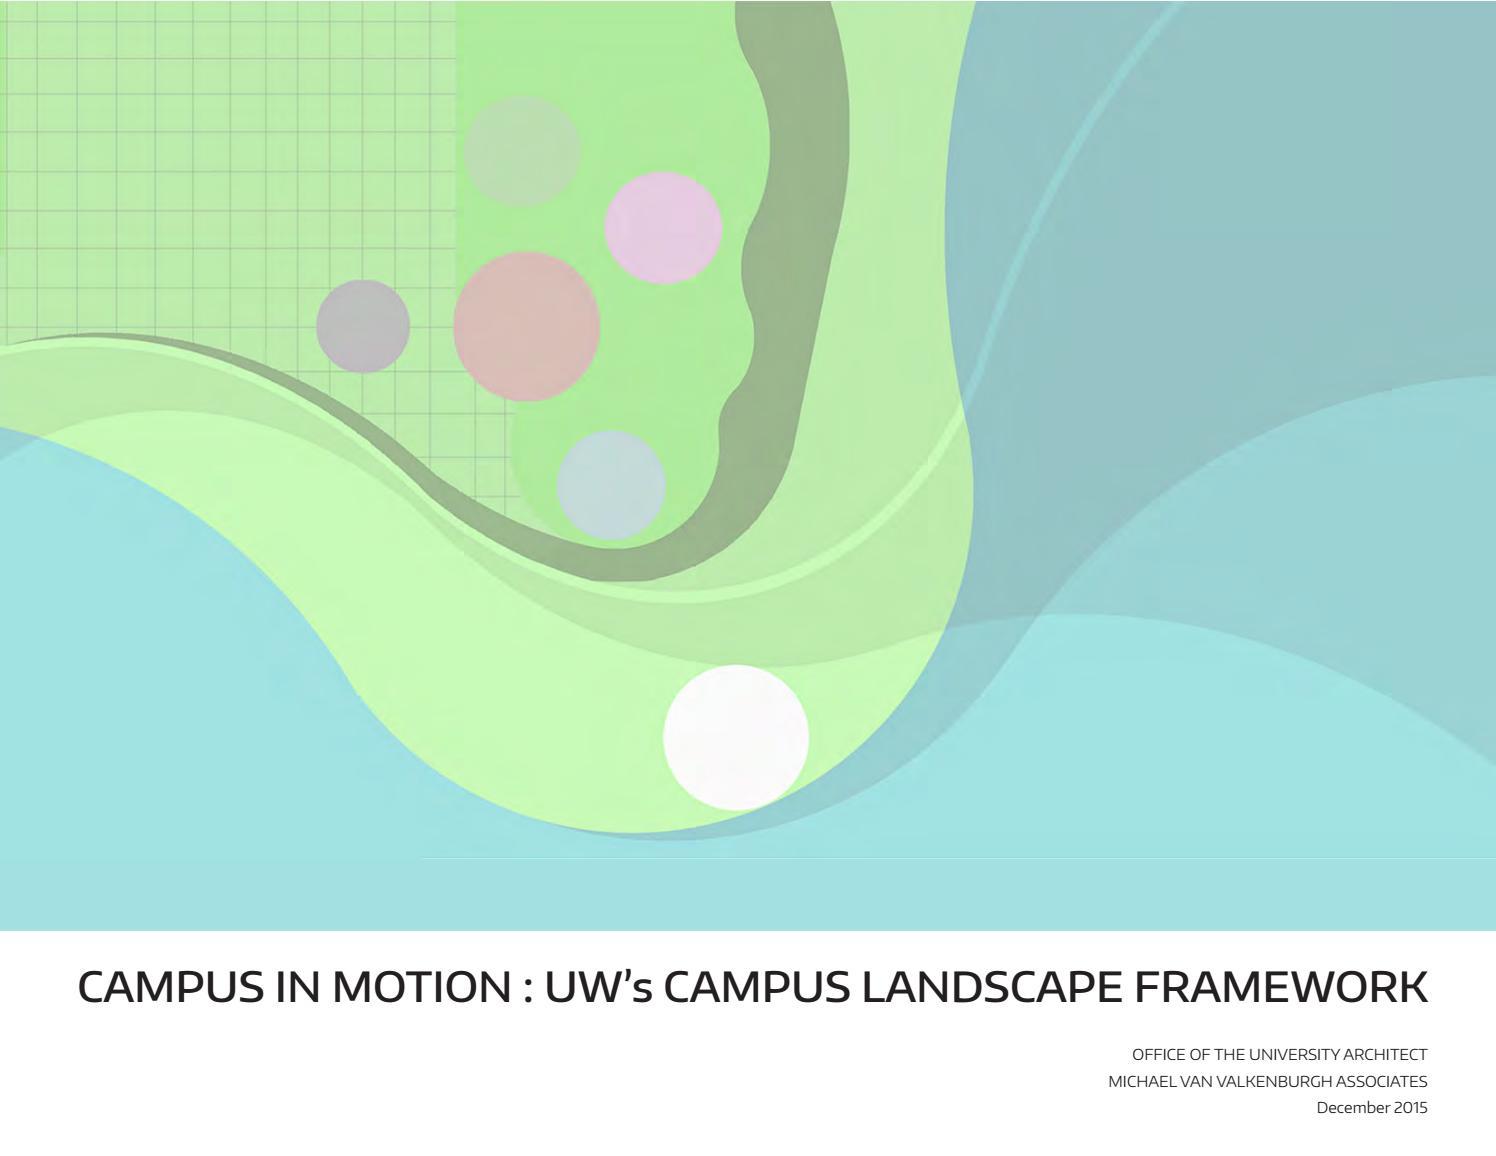 University Of Washington Campus Landscape Framework By Uw Oua Issuu